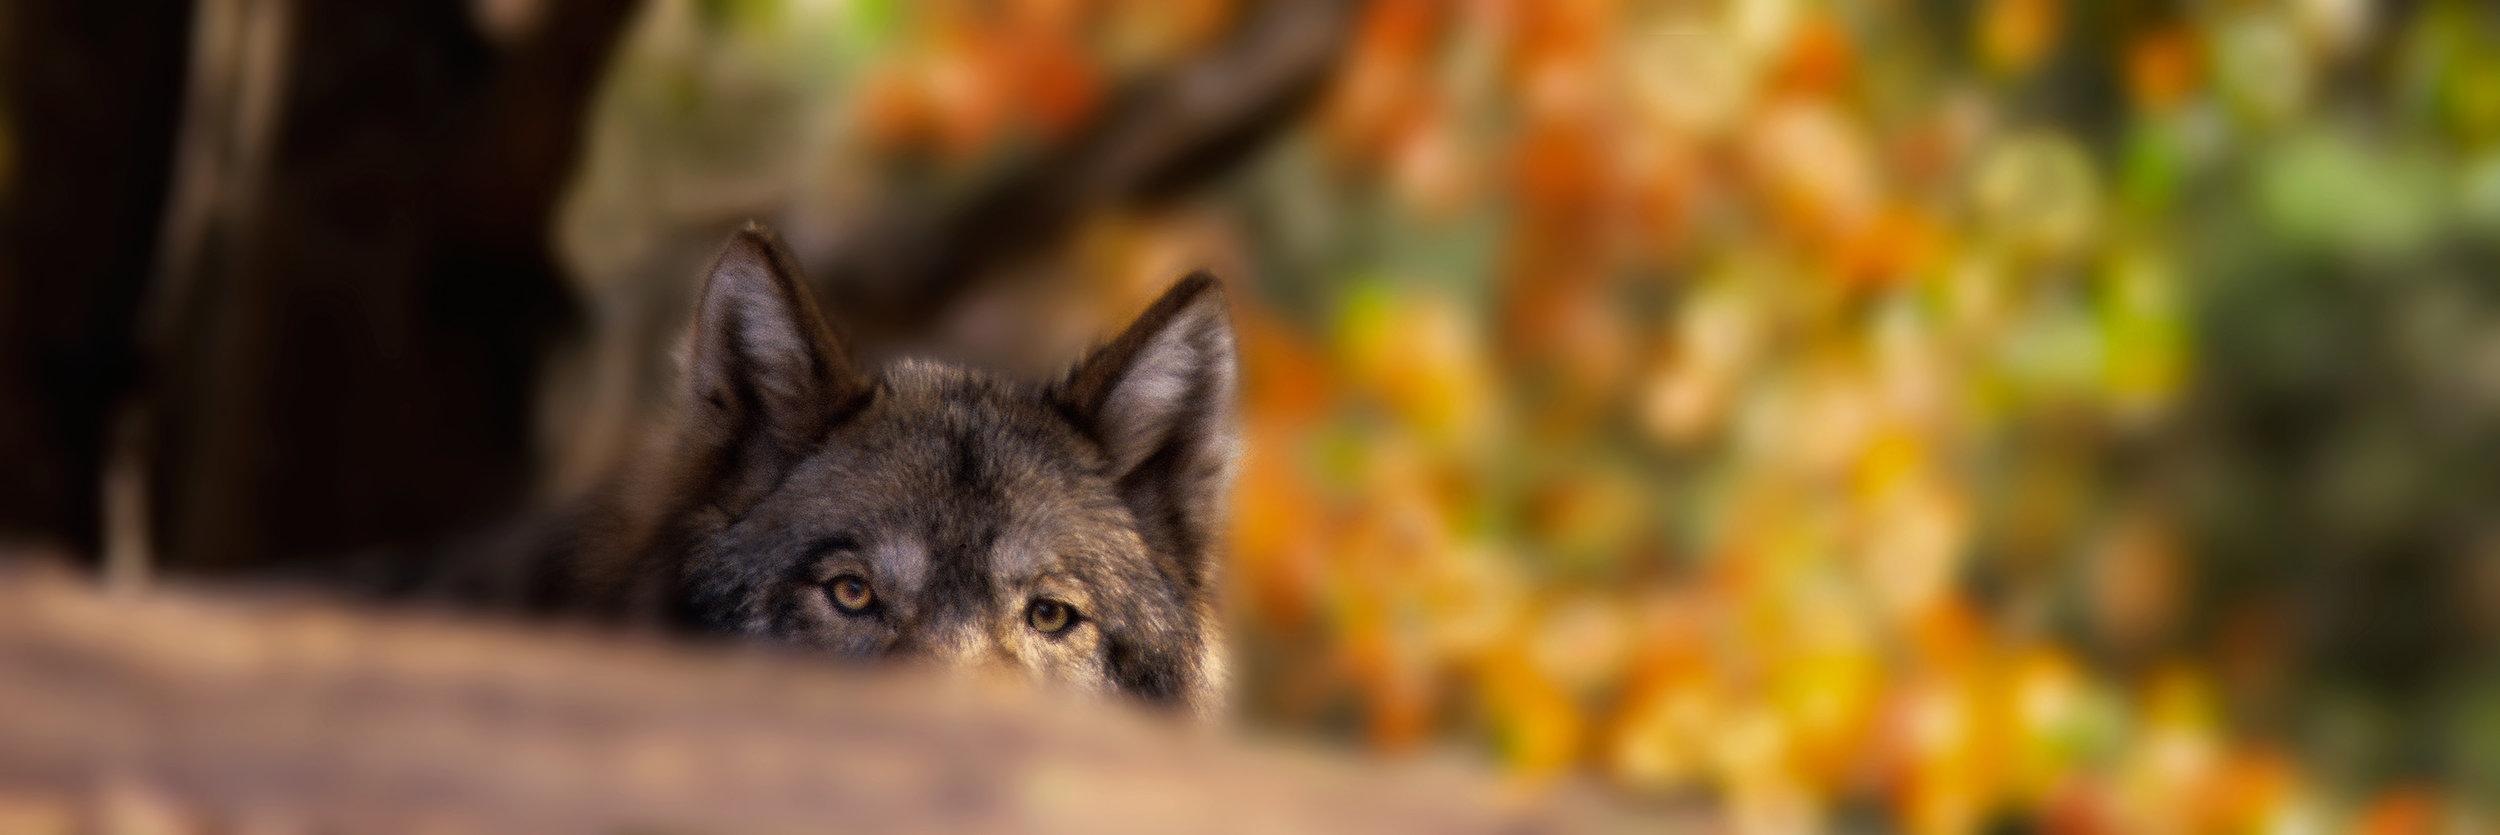 peeking-wolf-2-10x30-blur.jpg